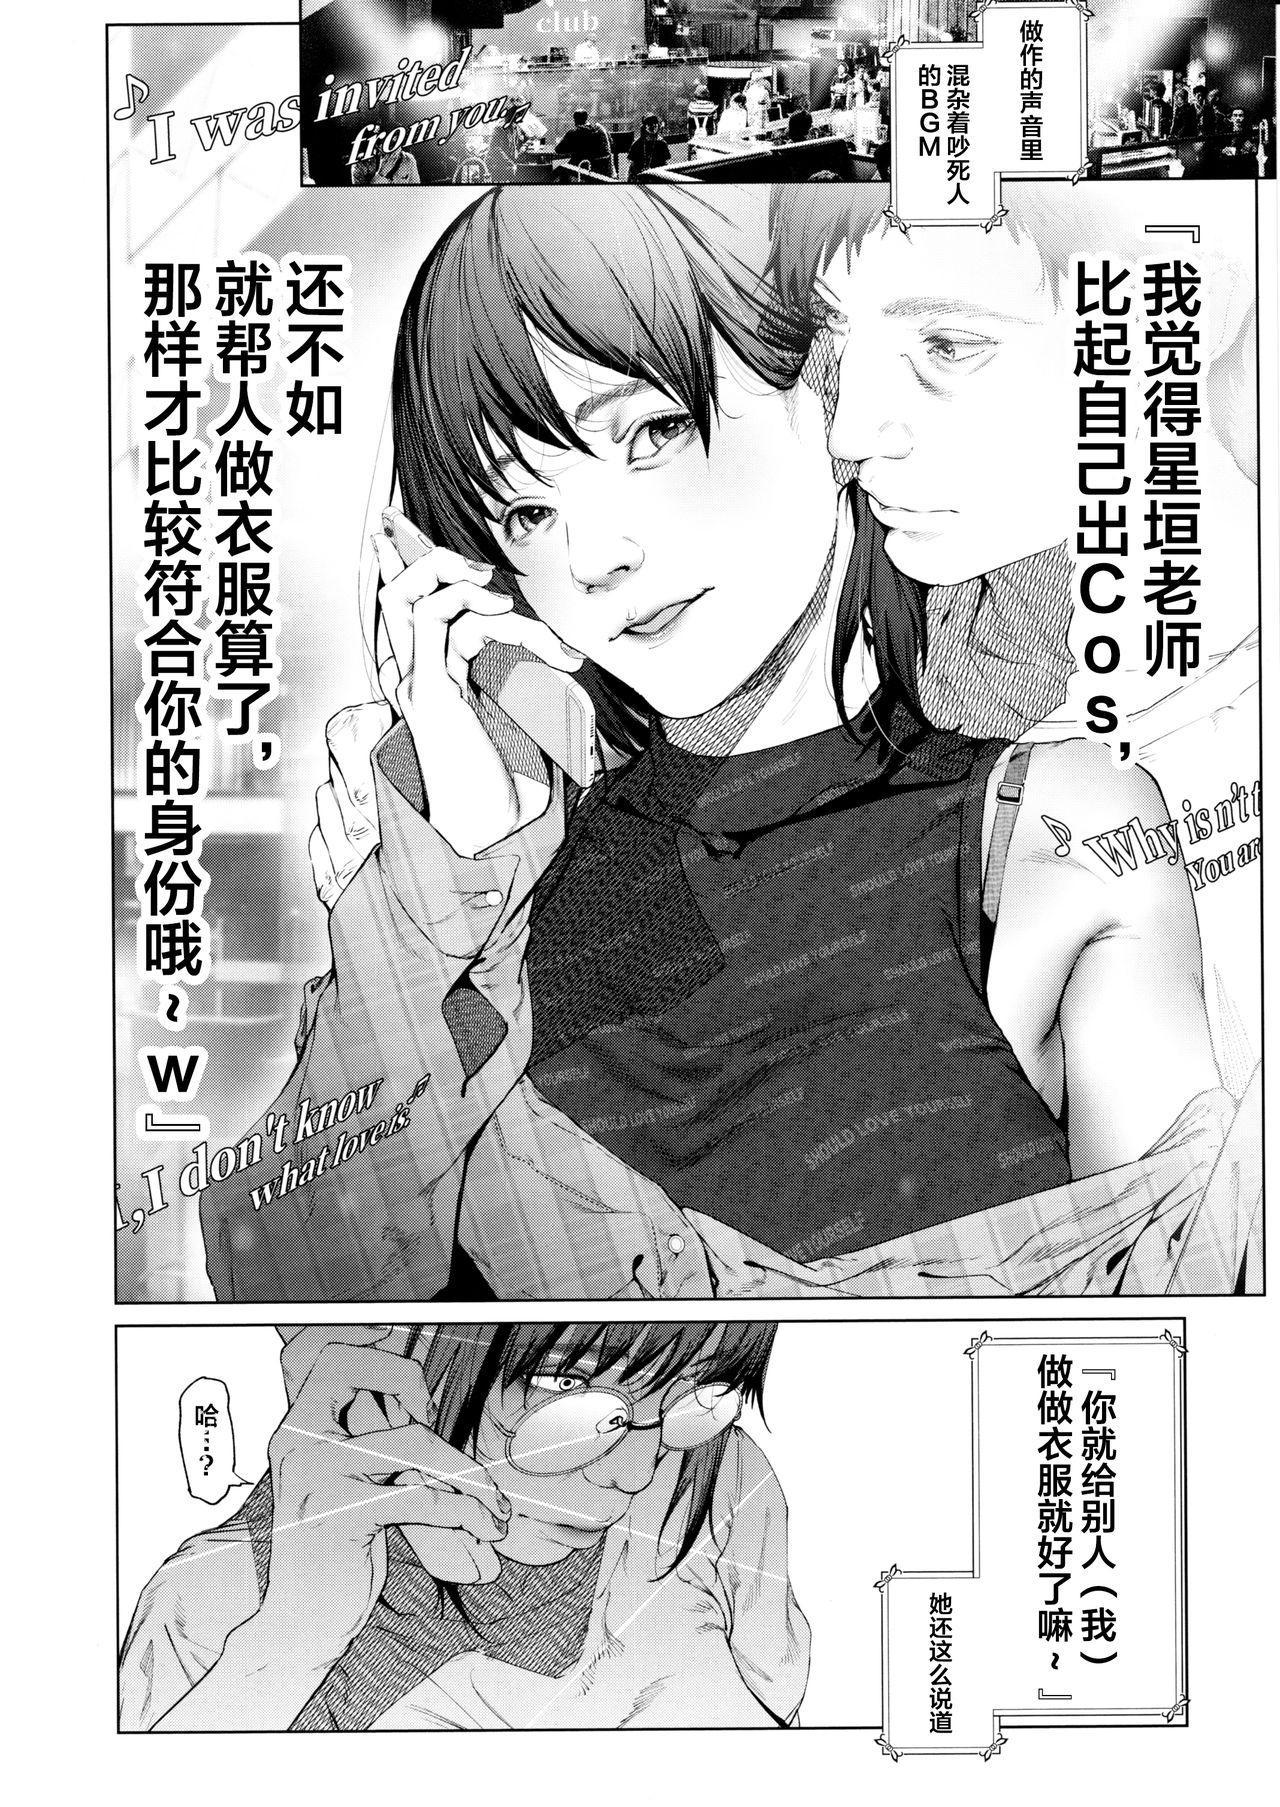 Cos wa Midara na Kamen Ninki Ikemen Layer no SeFri Ken Ishou Seisaku Tantou no Zoukei Layer wa Honmei Kanojo no Yume o Miru ka 18